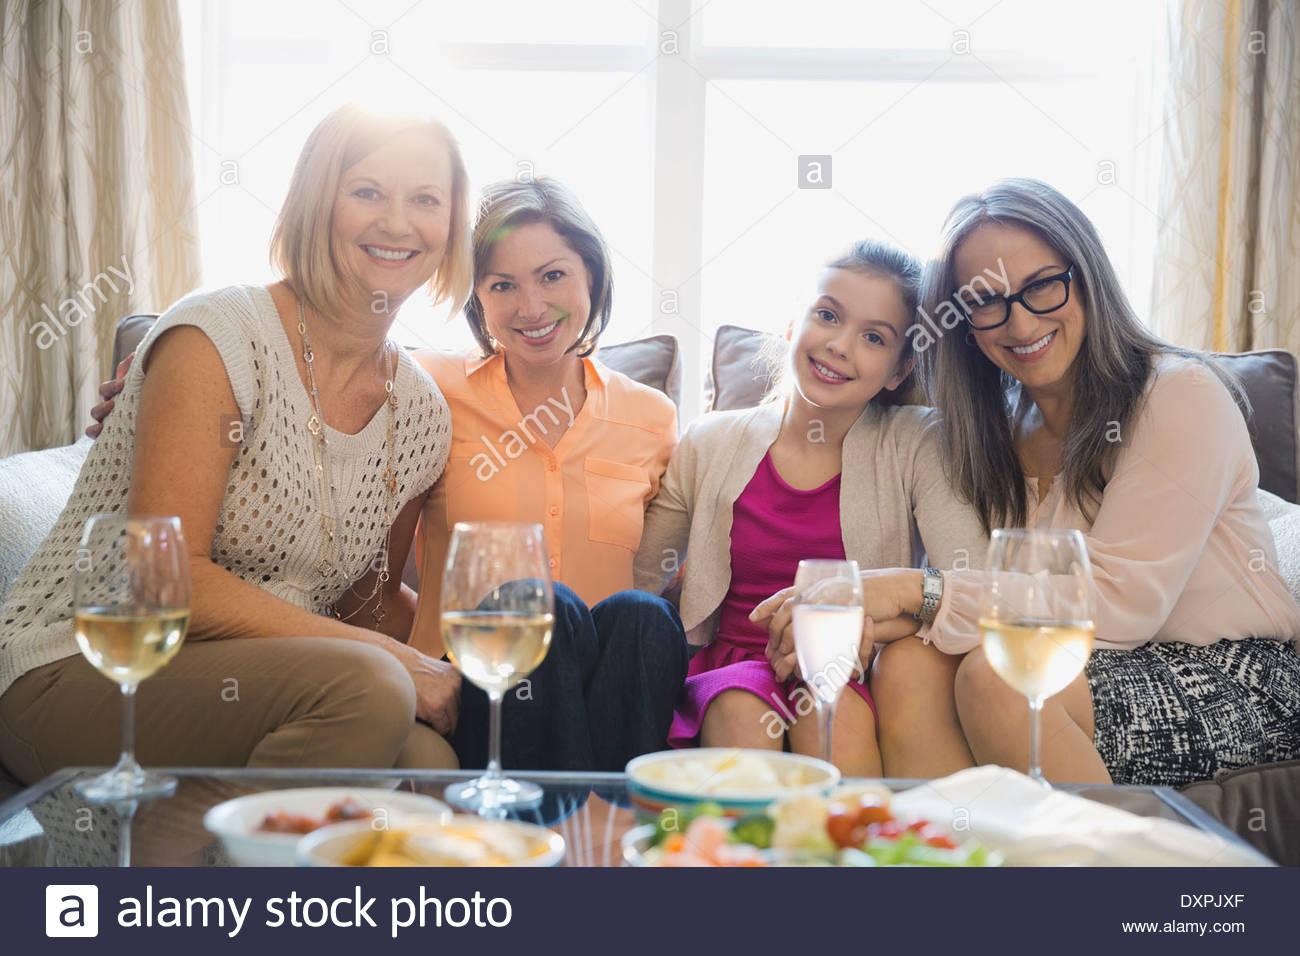 Retrato de hembras sonriente sentado en un sofá durante la fiesta Imagen De Stock